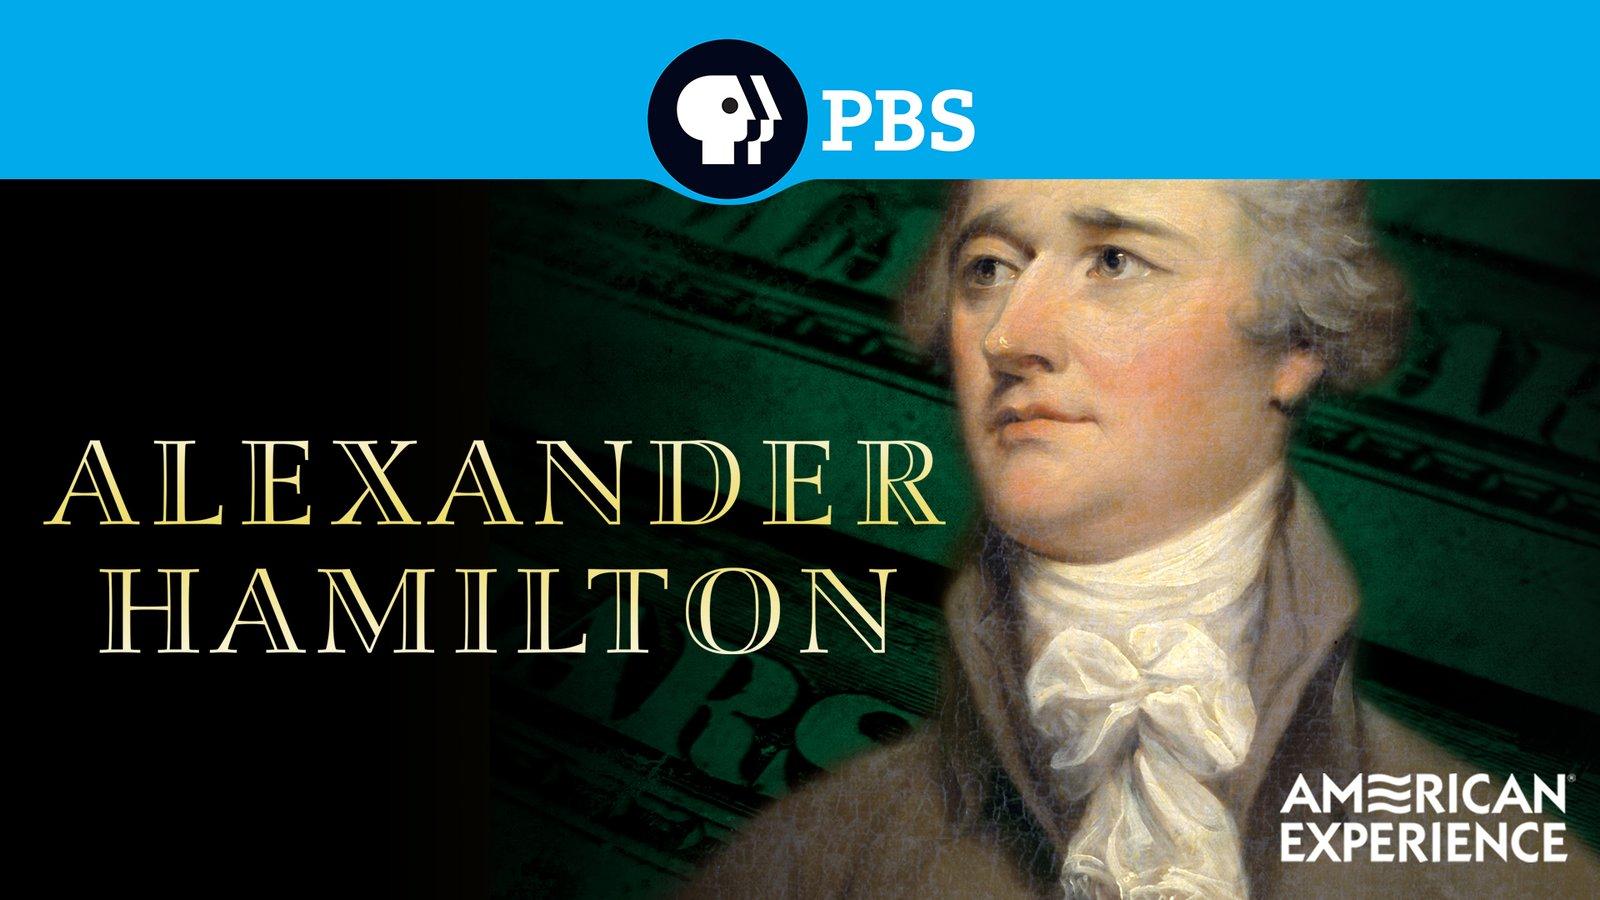 Alexander Hamilton - Biography of a Founding Father